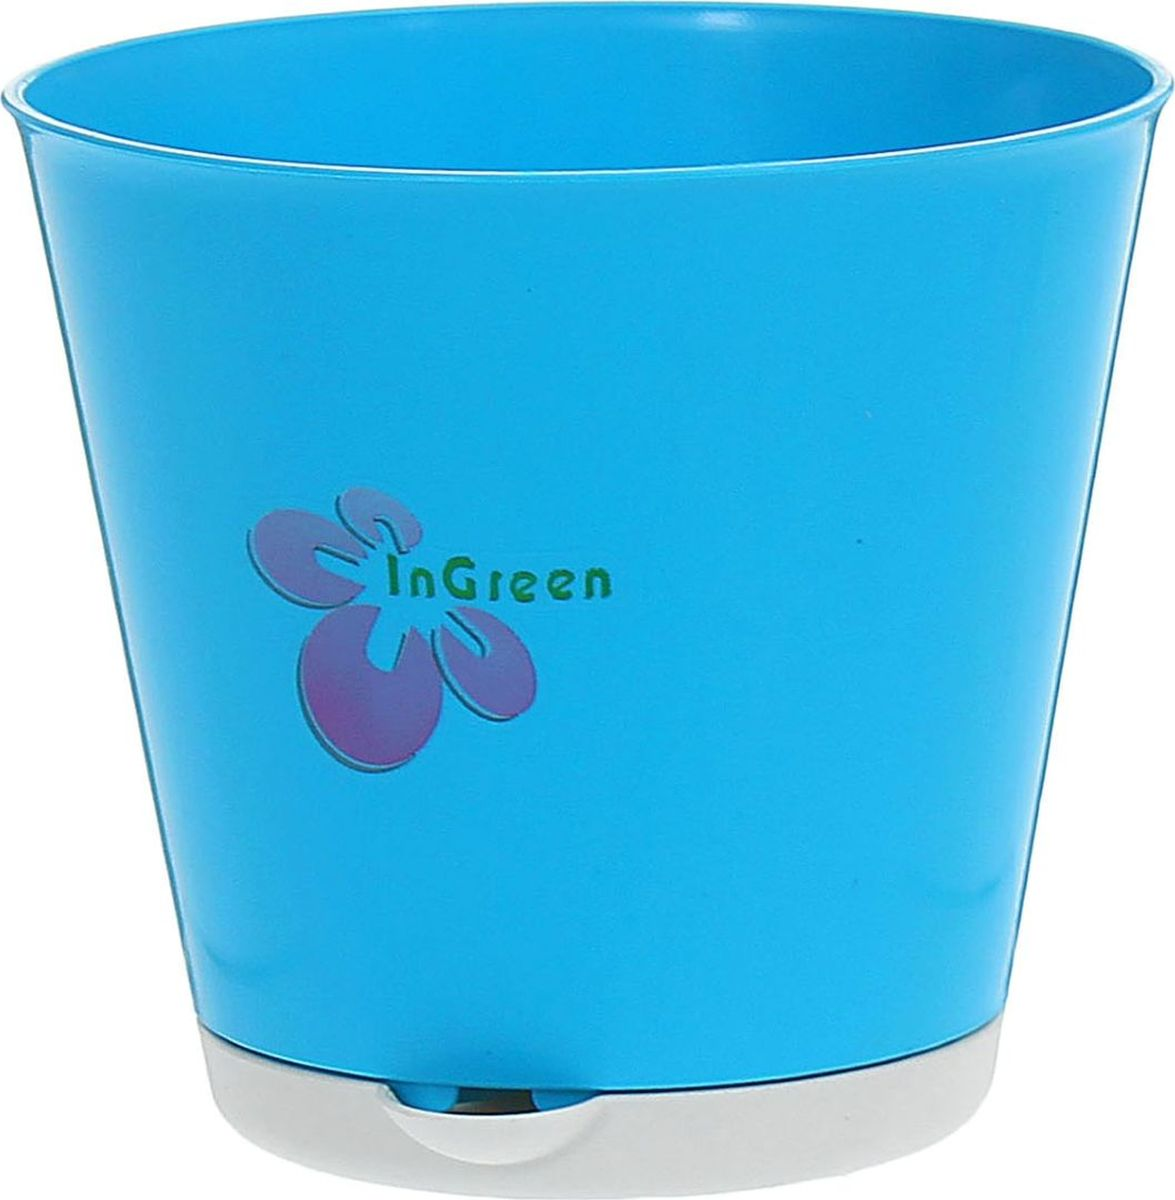 Горшок InGreen Крит, с системой прикорневого полива, цвет: голубой, 0,7 л1218929Любой, даже самый современный и продуманный интерьер будет не завершённым без растений. Они не только очищают воздух и насыщают его кислородом, но и заметно украшают окружающее пространство. Такому полезному члену семьи просто необходимо красивое и функциональное кашпо, оригинальный горшок или необычная ваза! Мы предлагаем - Горшок для цветов 0,7 л с системой прикорневого полива d=12 см Крит, цвет голубой! Оптимальный выбор материала пластмасса! Почему мы так считаем? -Малый вес. С лёгкостью переносите горшки и кашпо с места на место, ставьте их на столики или полки, подвешивайте под потолок, не беспокоясь о нагрузке. -Простота ухода. Пластиковые изделия не нуждаются в специальных условиях хранения. Их легко чистить достаточно просто сполоснуть тёплой водой. -Никаких царапин. Пластиковые кашпо не царапают и не загрязняют поверхности, на которых стоят. -Пластик дольше хранит влагу, а значит растение реже нуждается в поливе. -Пластмасса не пропускает воздух корневой системе растения не грозят резкие перепады температур. -Огромный выбор форм, декора и расцветок вы без труда подберёте что-то, что идеально впишется в уже существующий интерьер. Соблюдая нехитрые правила ухода, вы можете заметно продлить срок службы горшков, вазонов и кашпо из пластика: -всегда учитывайте размер кроны и корневой системы растения (при разрастании большое растение способно повредить маленький горшок)-берегите изделие от воздействия прямых солнечных лучей, чтобы кашпо и горшки не выцветали-держите кашпо и горшки из пластика подальше от нагревающихся поверхностей. Создавайте прекрасные цветочные композиции, выращивайте рассаду или необычные растения, а низкие цены позволят вам не ограничивать себя в выборе.